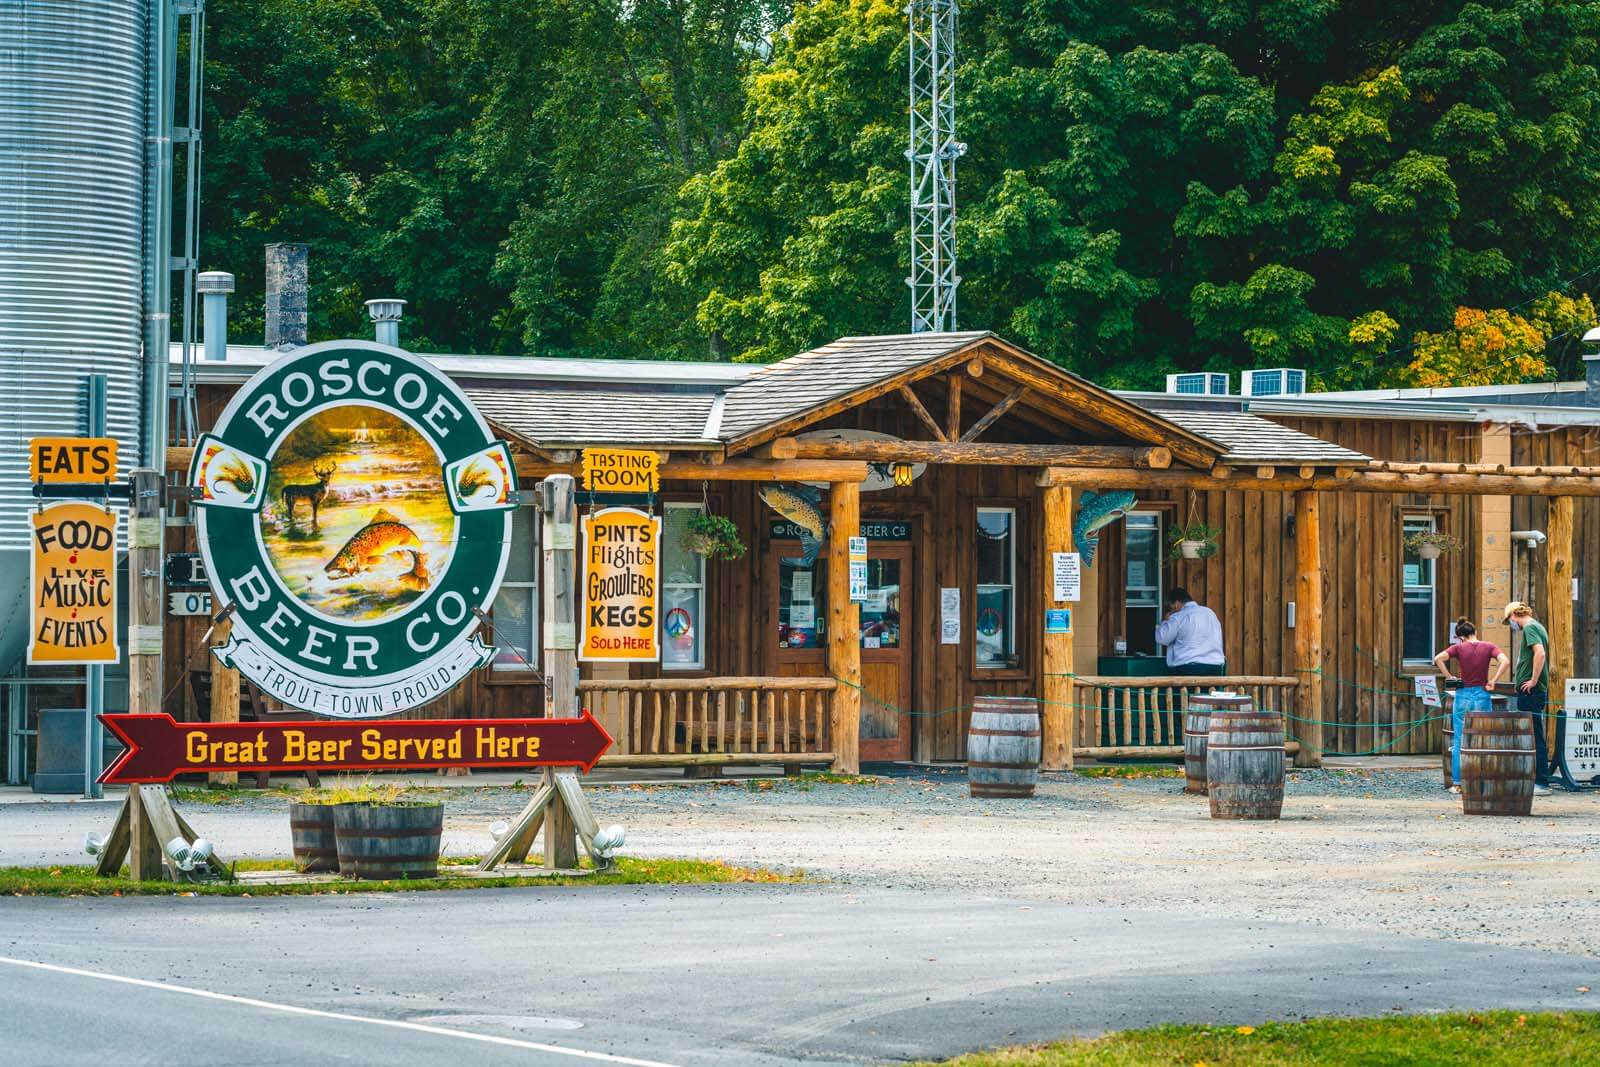 Roscoe Beer Company in the Catskills NY